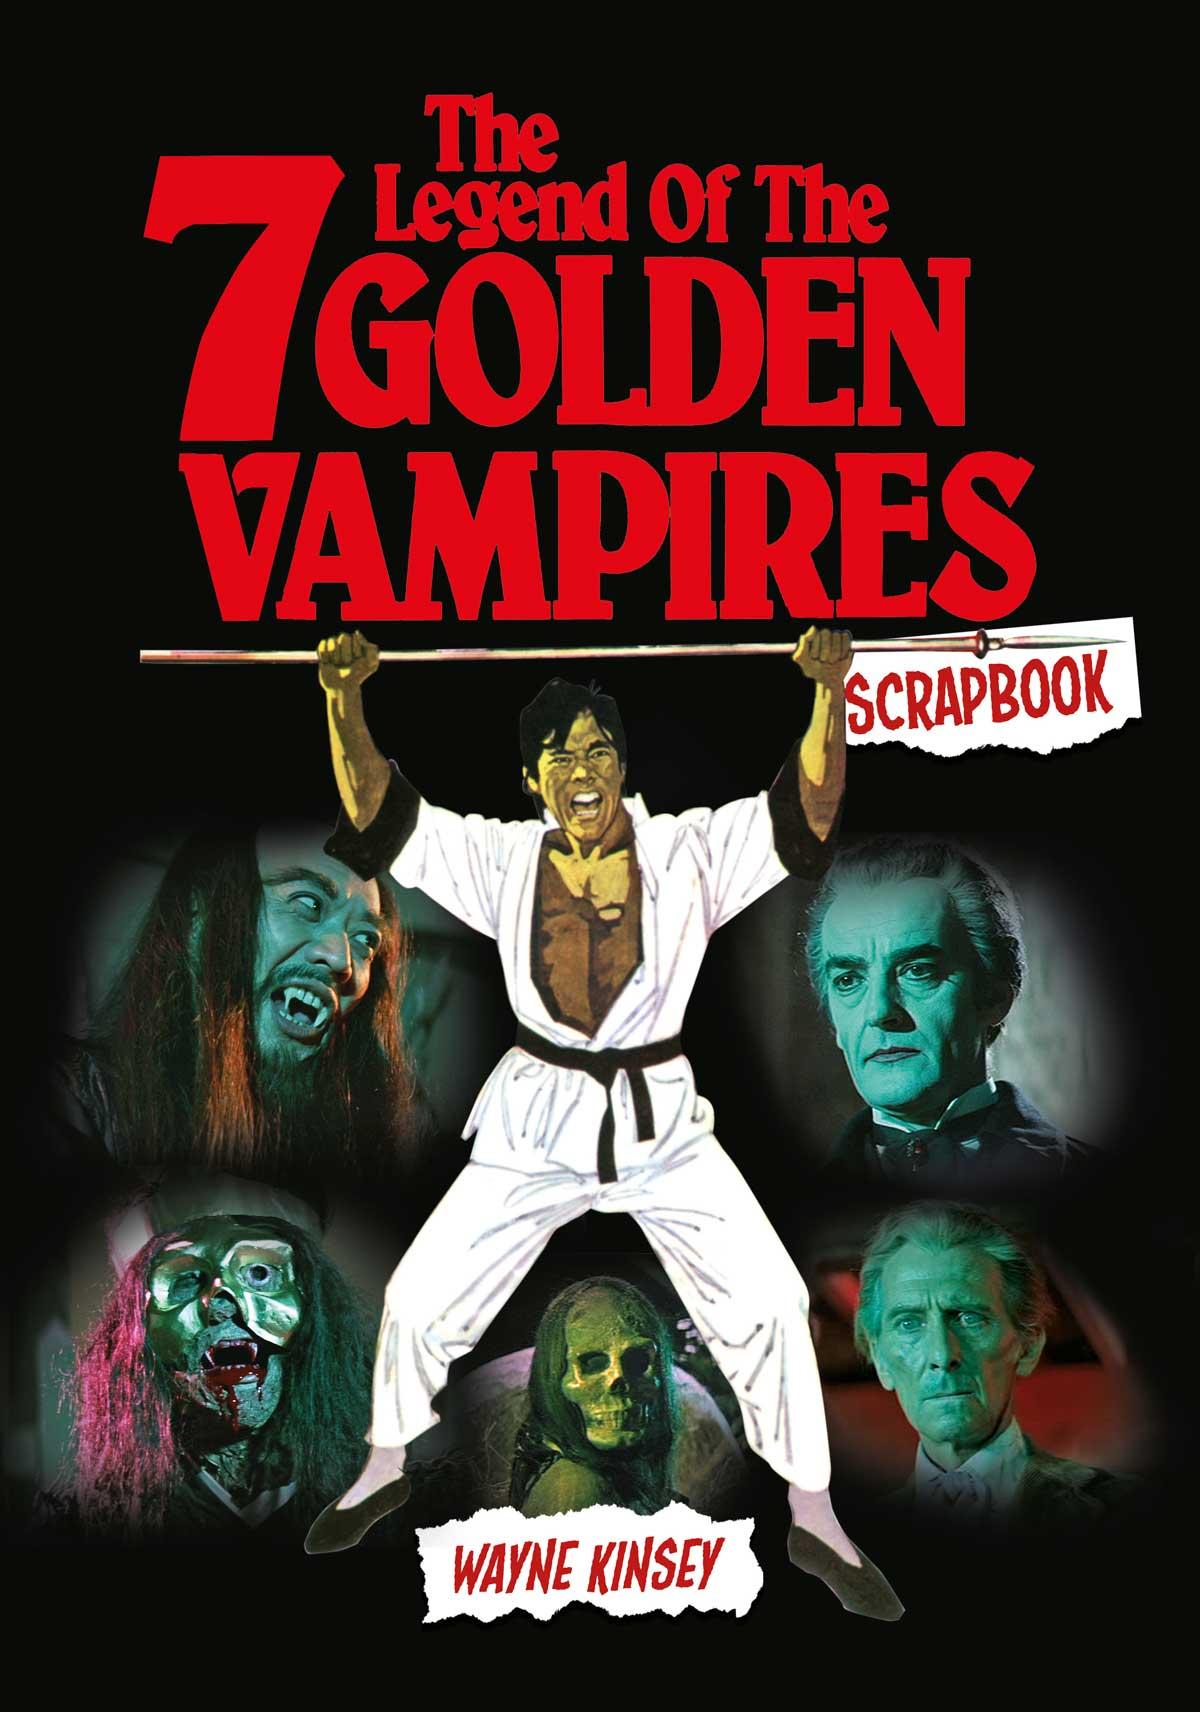 Legend of the 7 Golden Vampires Scrapbook